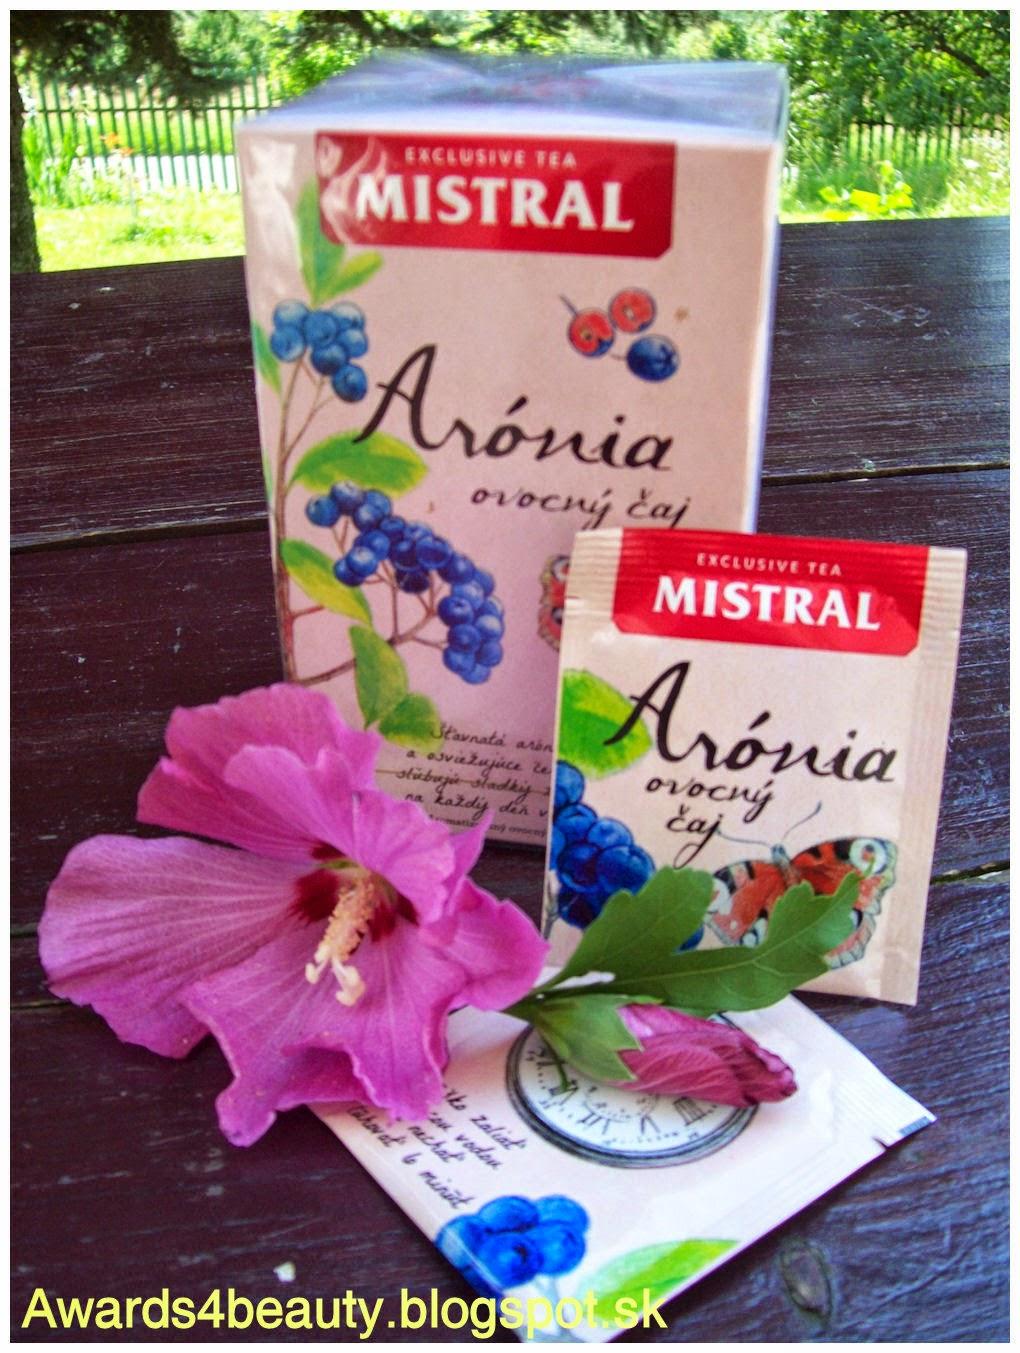 Čaj Mistral z arónie v krásnom obale s kreslenými detailami.